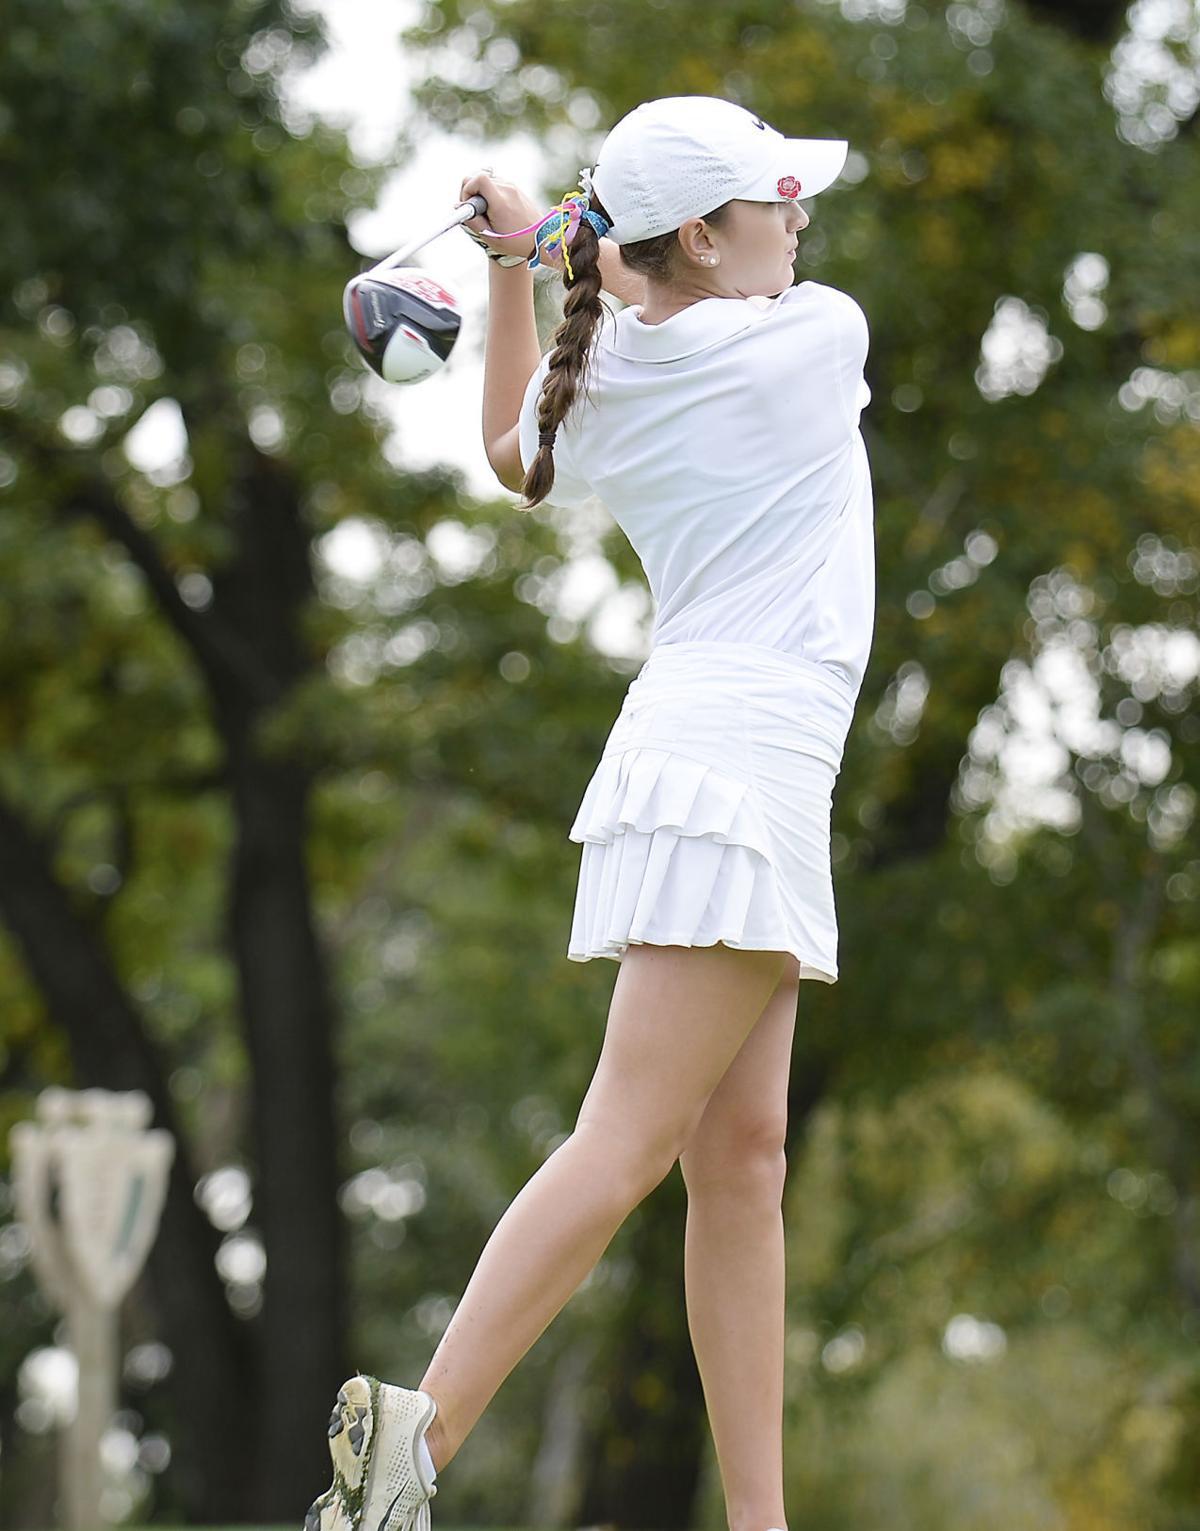 girls-golf-05-F9M0124-10042016182007